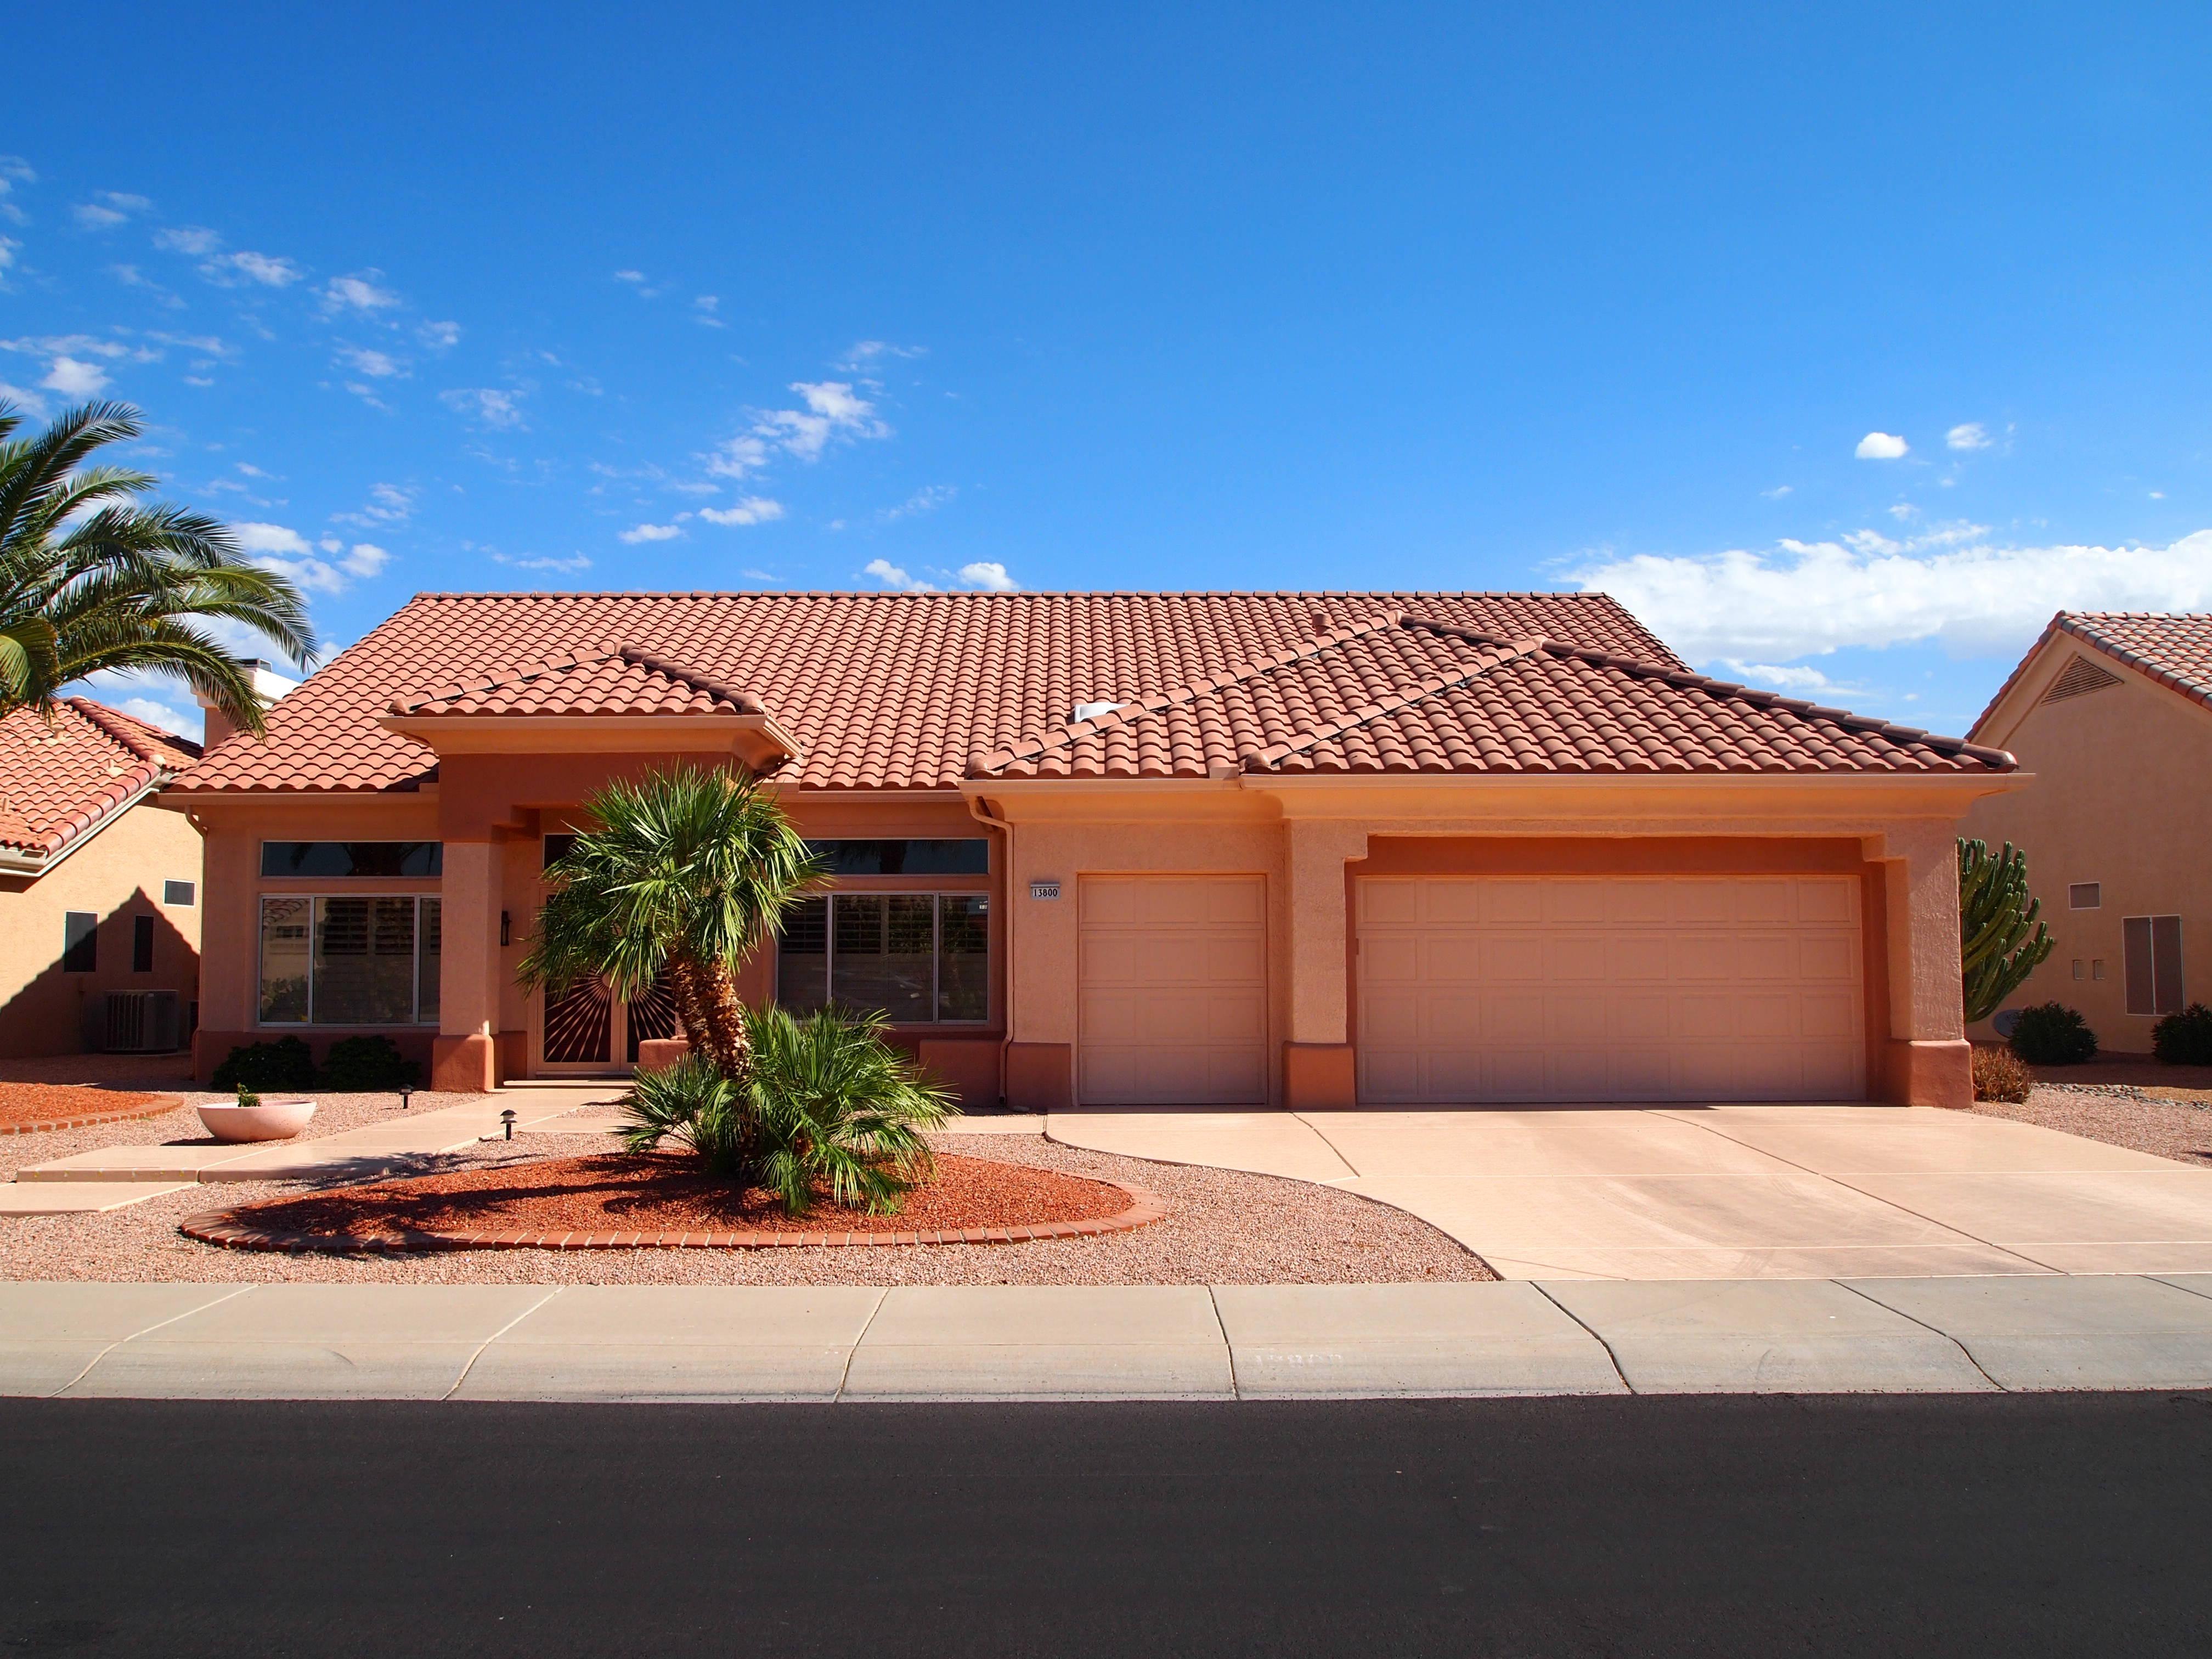 Peachy Golf Course Homes For Sale Sun City West Az 85375 Home Interior And Landscaping Mentranervesignezvosmurscom